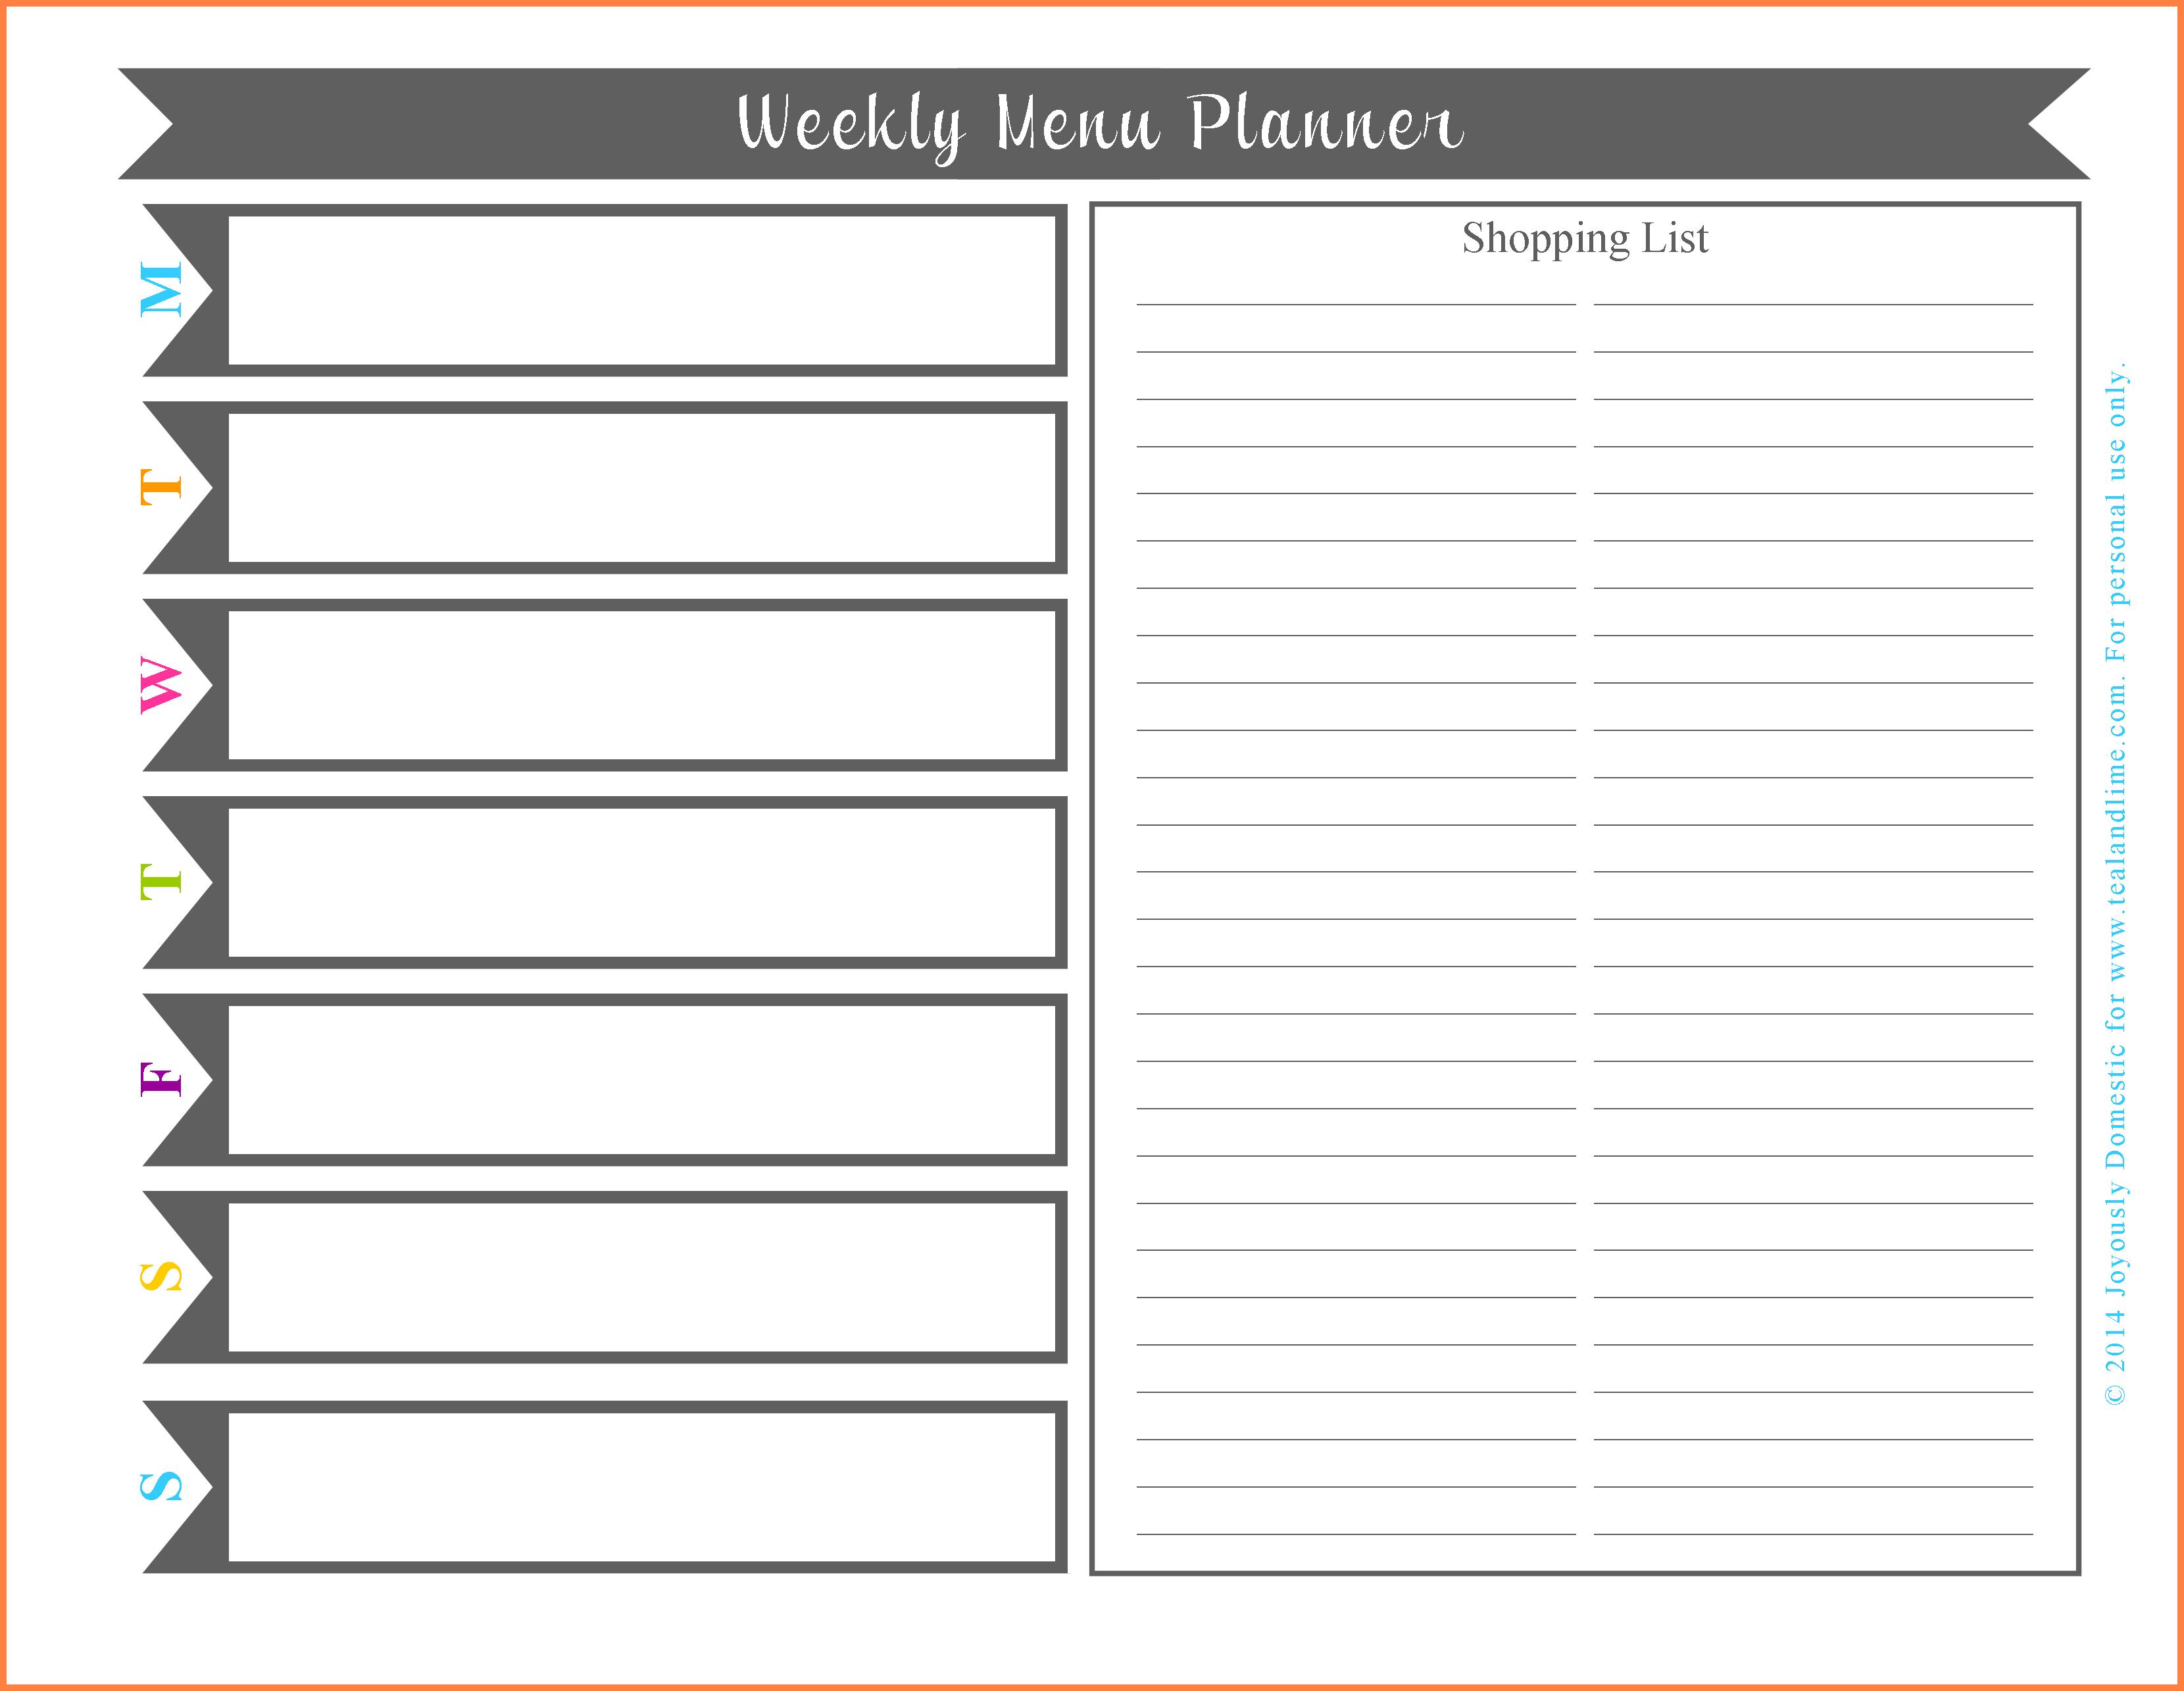 Free Online Menu Planner Template  Andrew Gunsberg In Menu Schedule Template